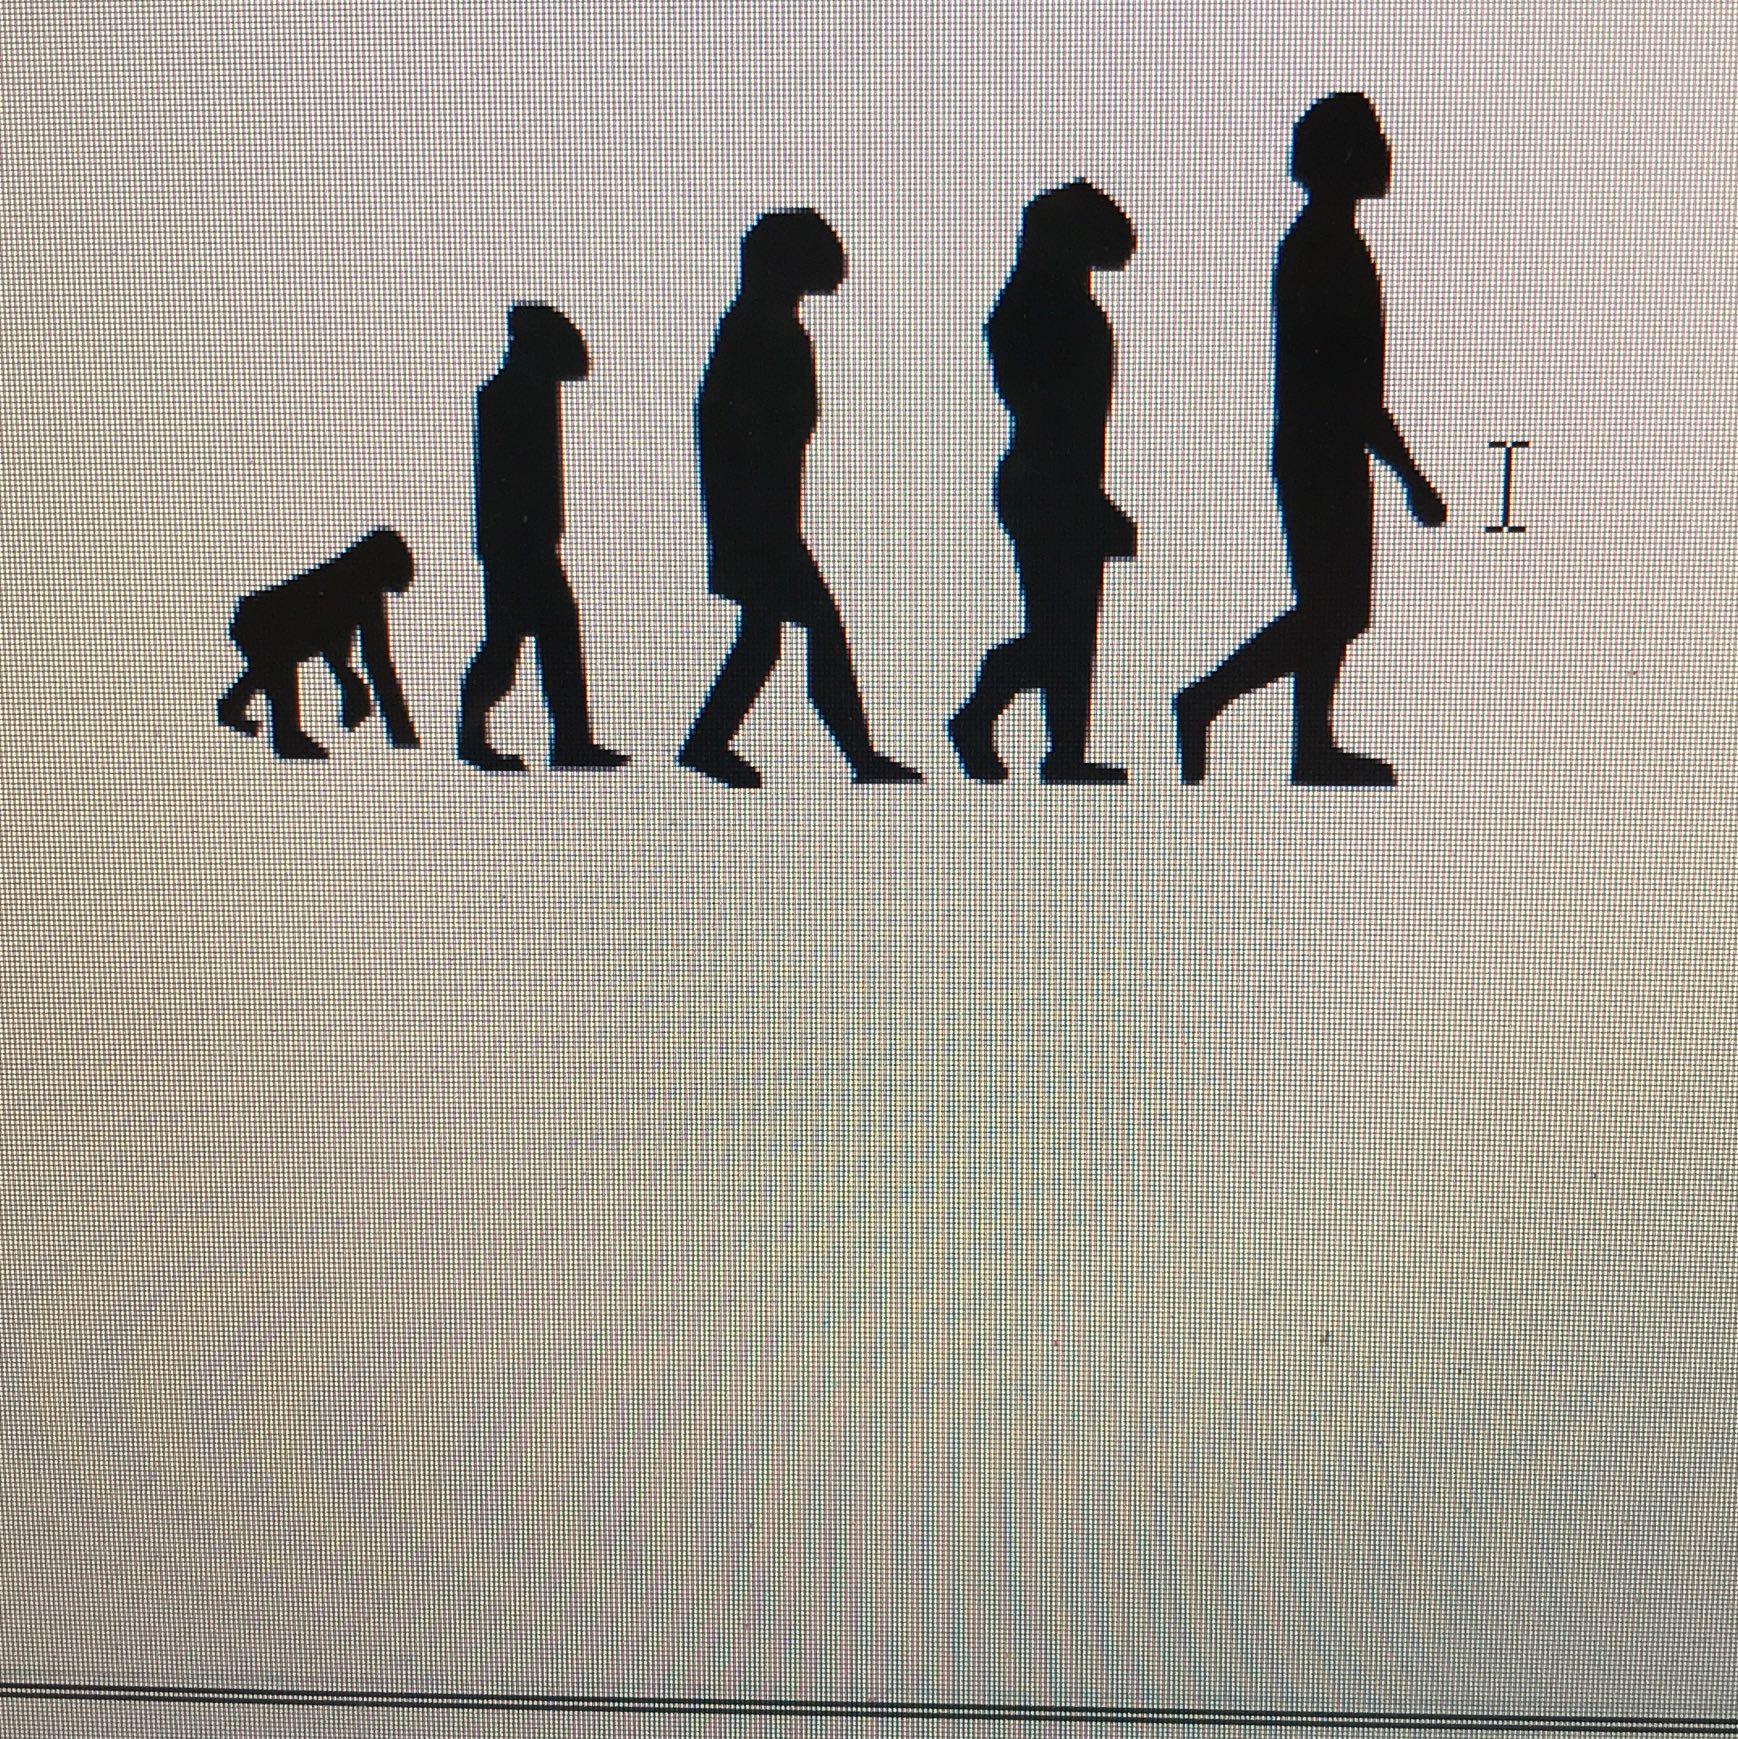 Gehört das zur Evolution? (Biologie, Evolutionstheorie